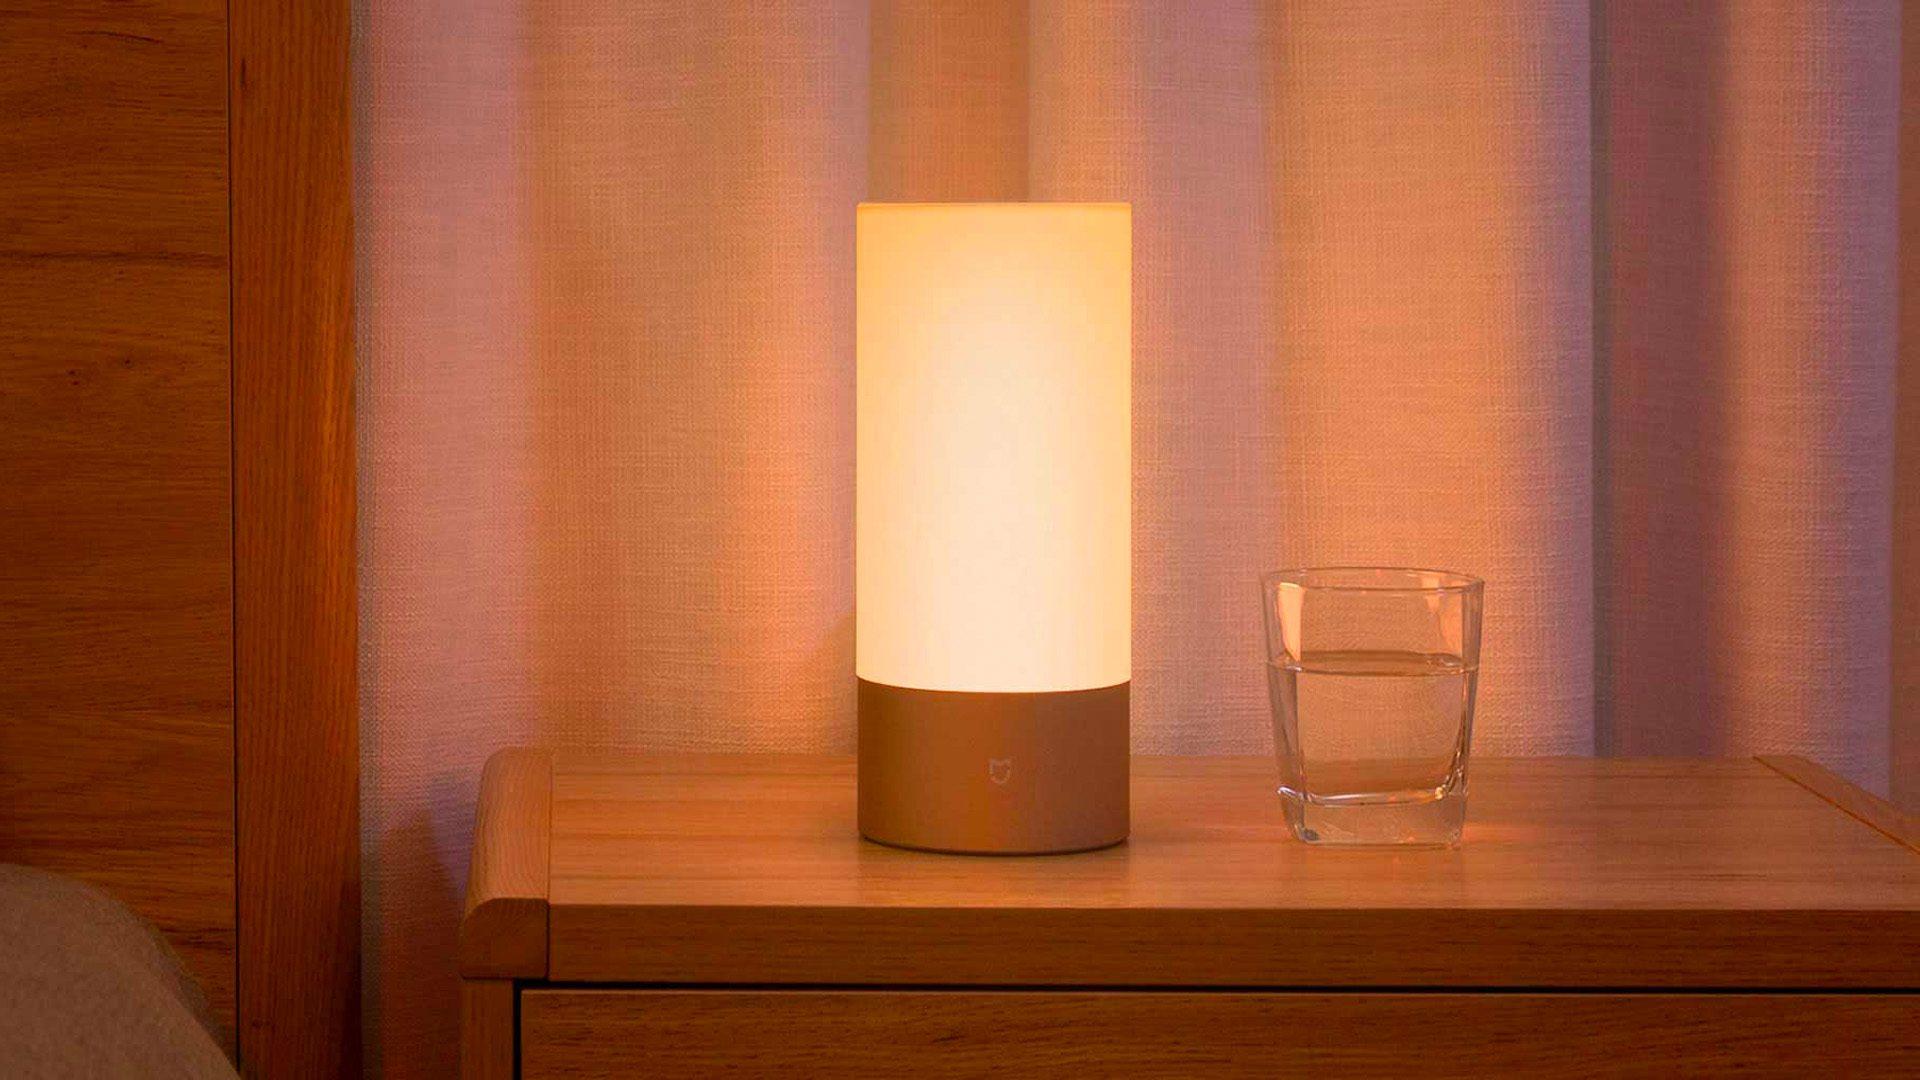 Noche Las Mesilla De Lámparas Tecnología XiaomiRincón La I6vfg7yYb